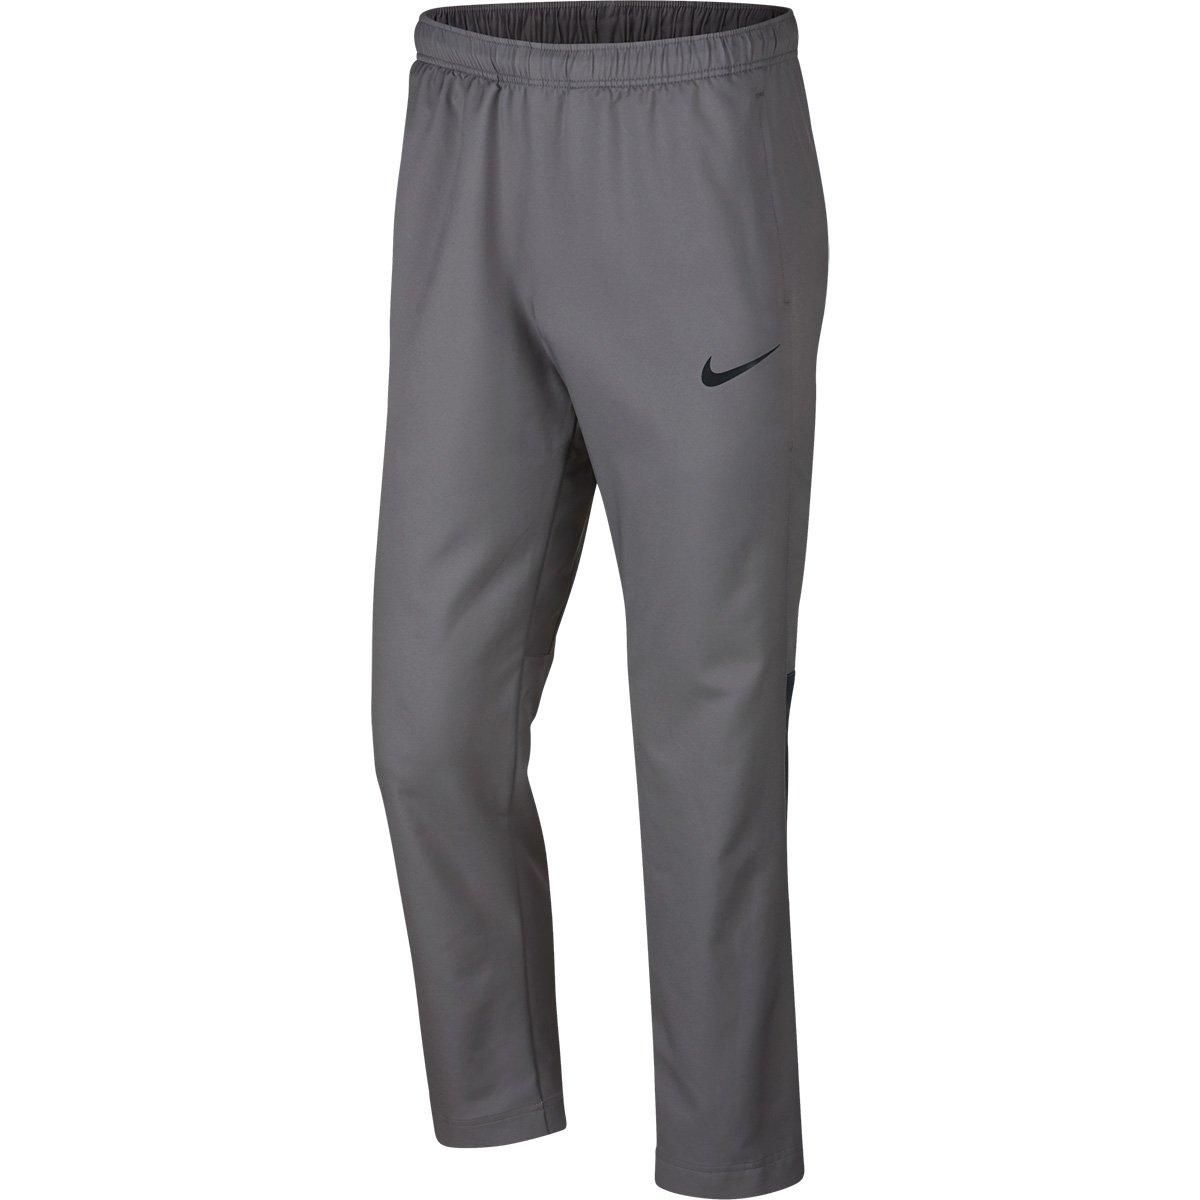 39f0c7e15e6 Calça Nike Dry Team Woven Masculina - Cinza e Preto - Compre Agora ...